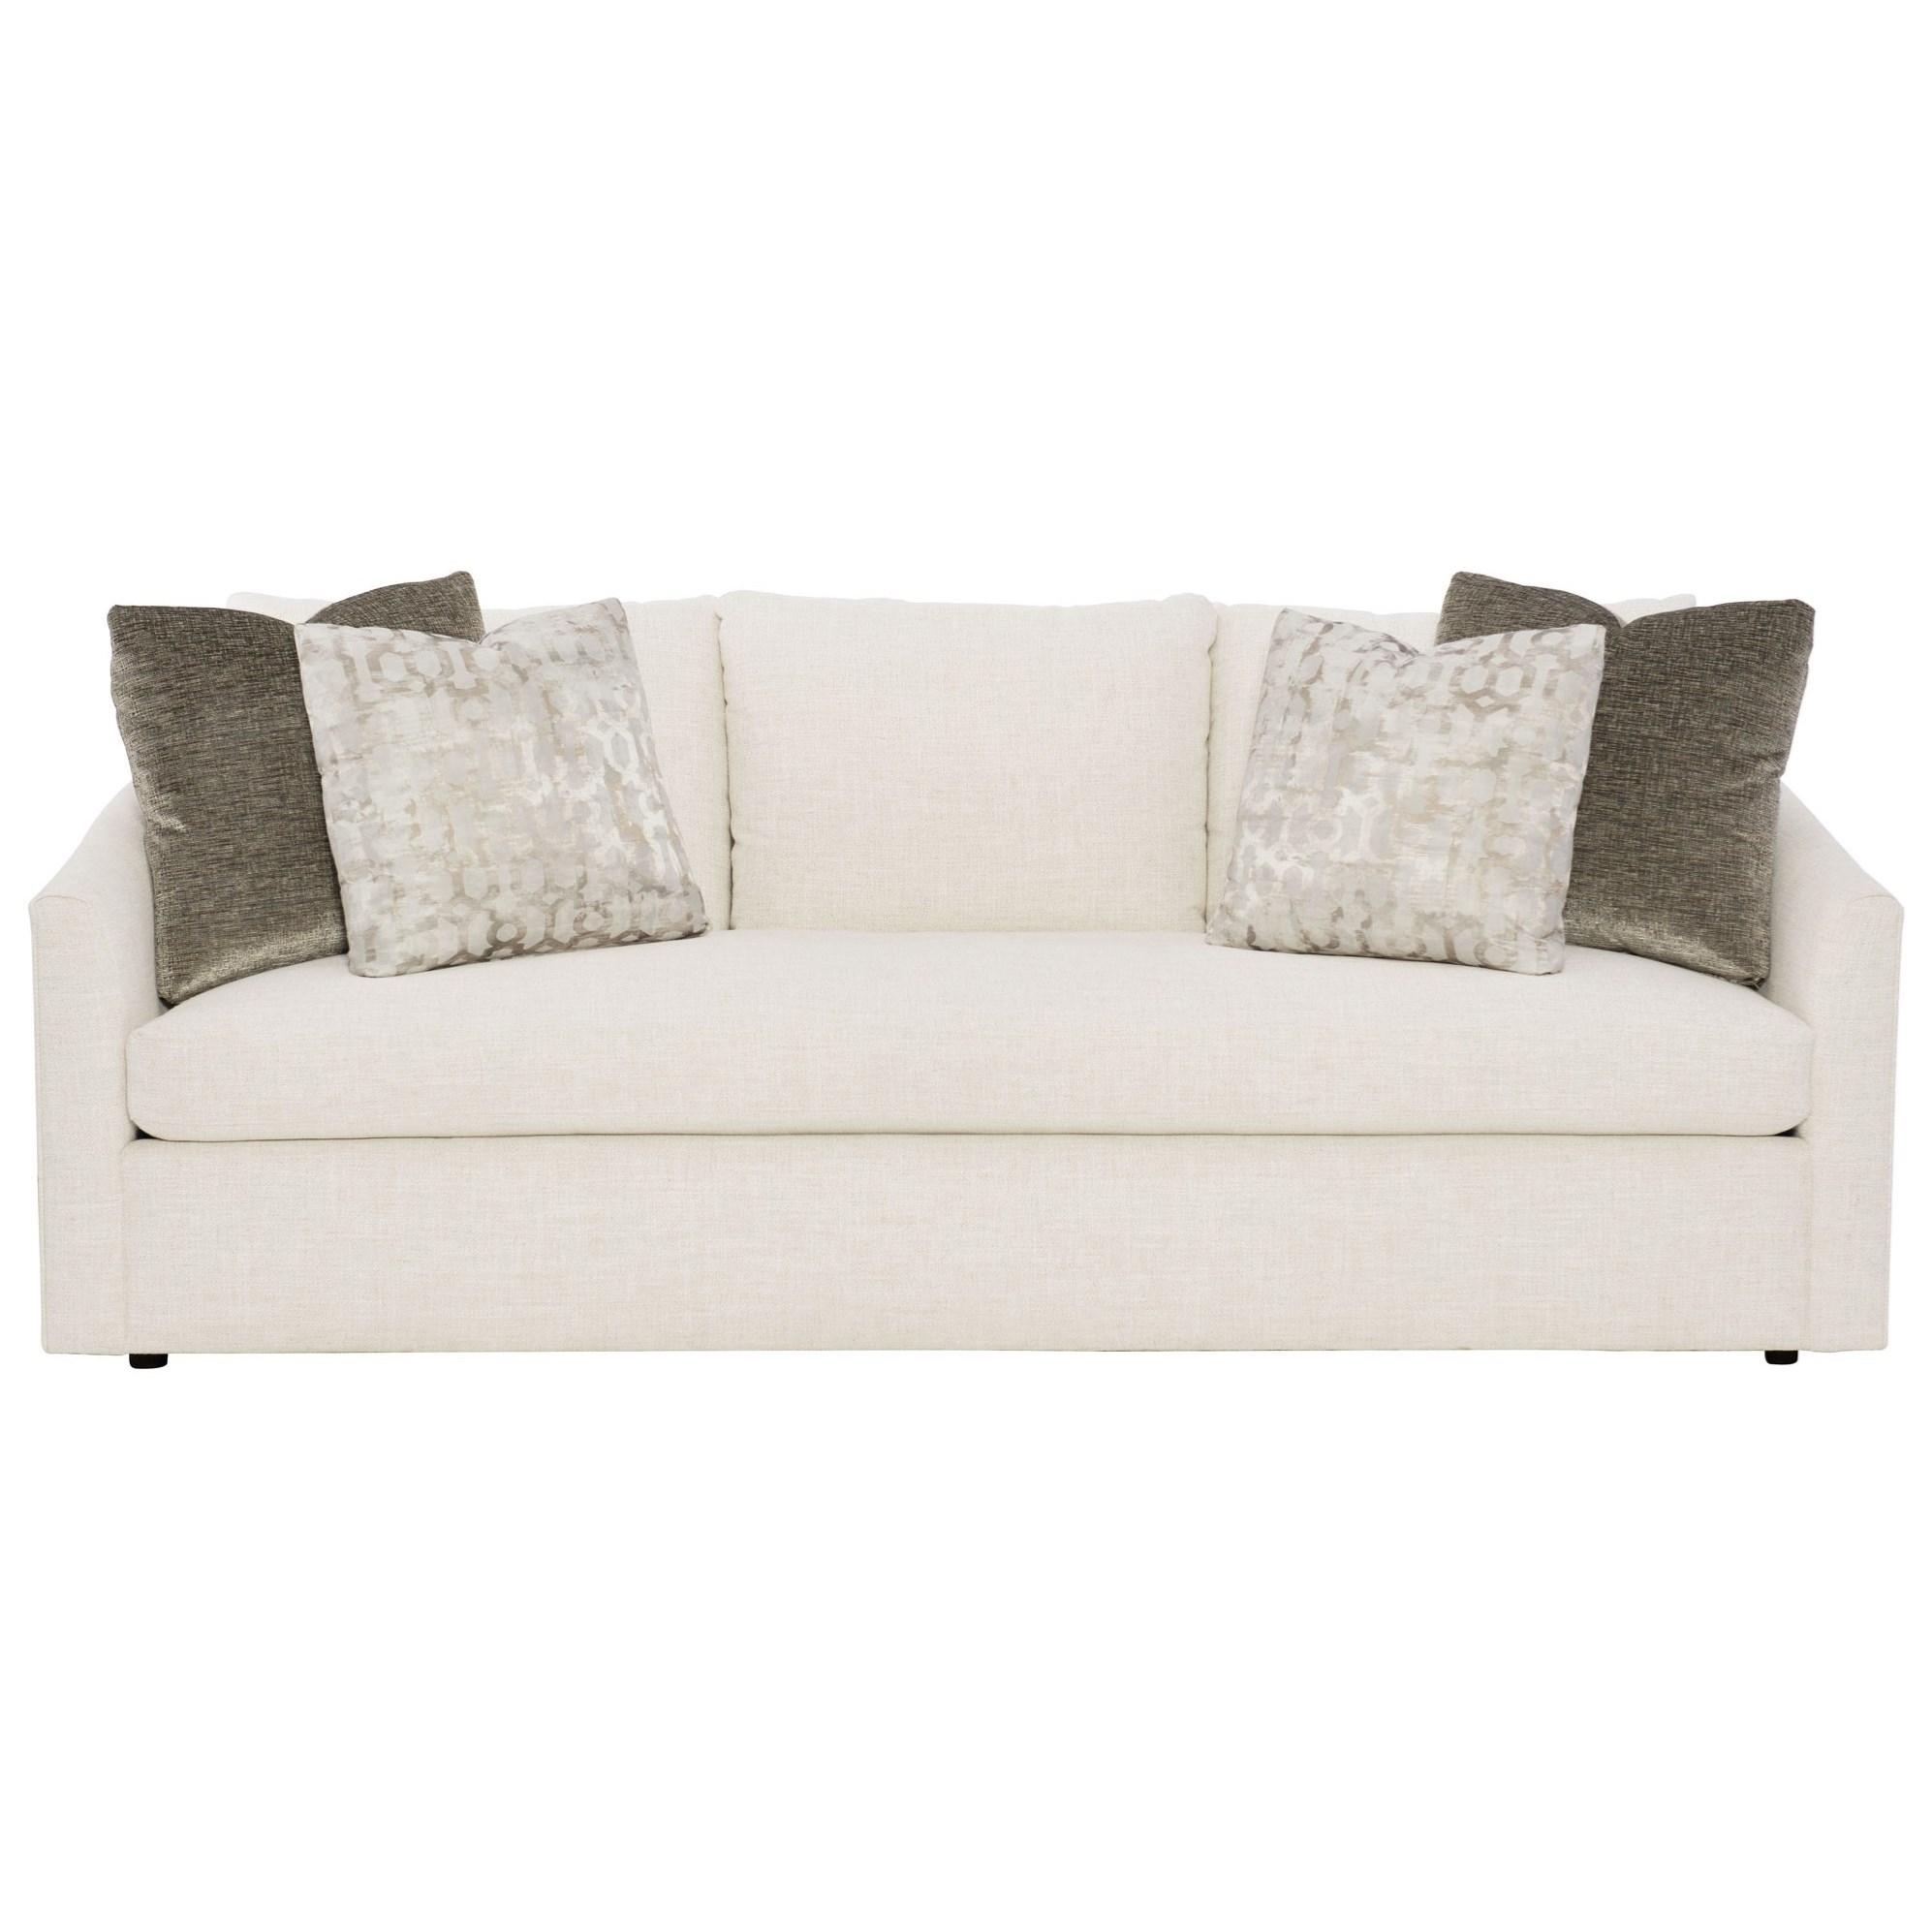 Bernhardt Interiors - Astoria Contemporary Sofa with Bench ...